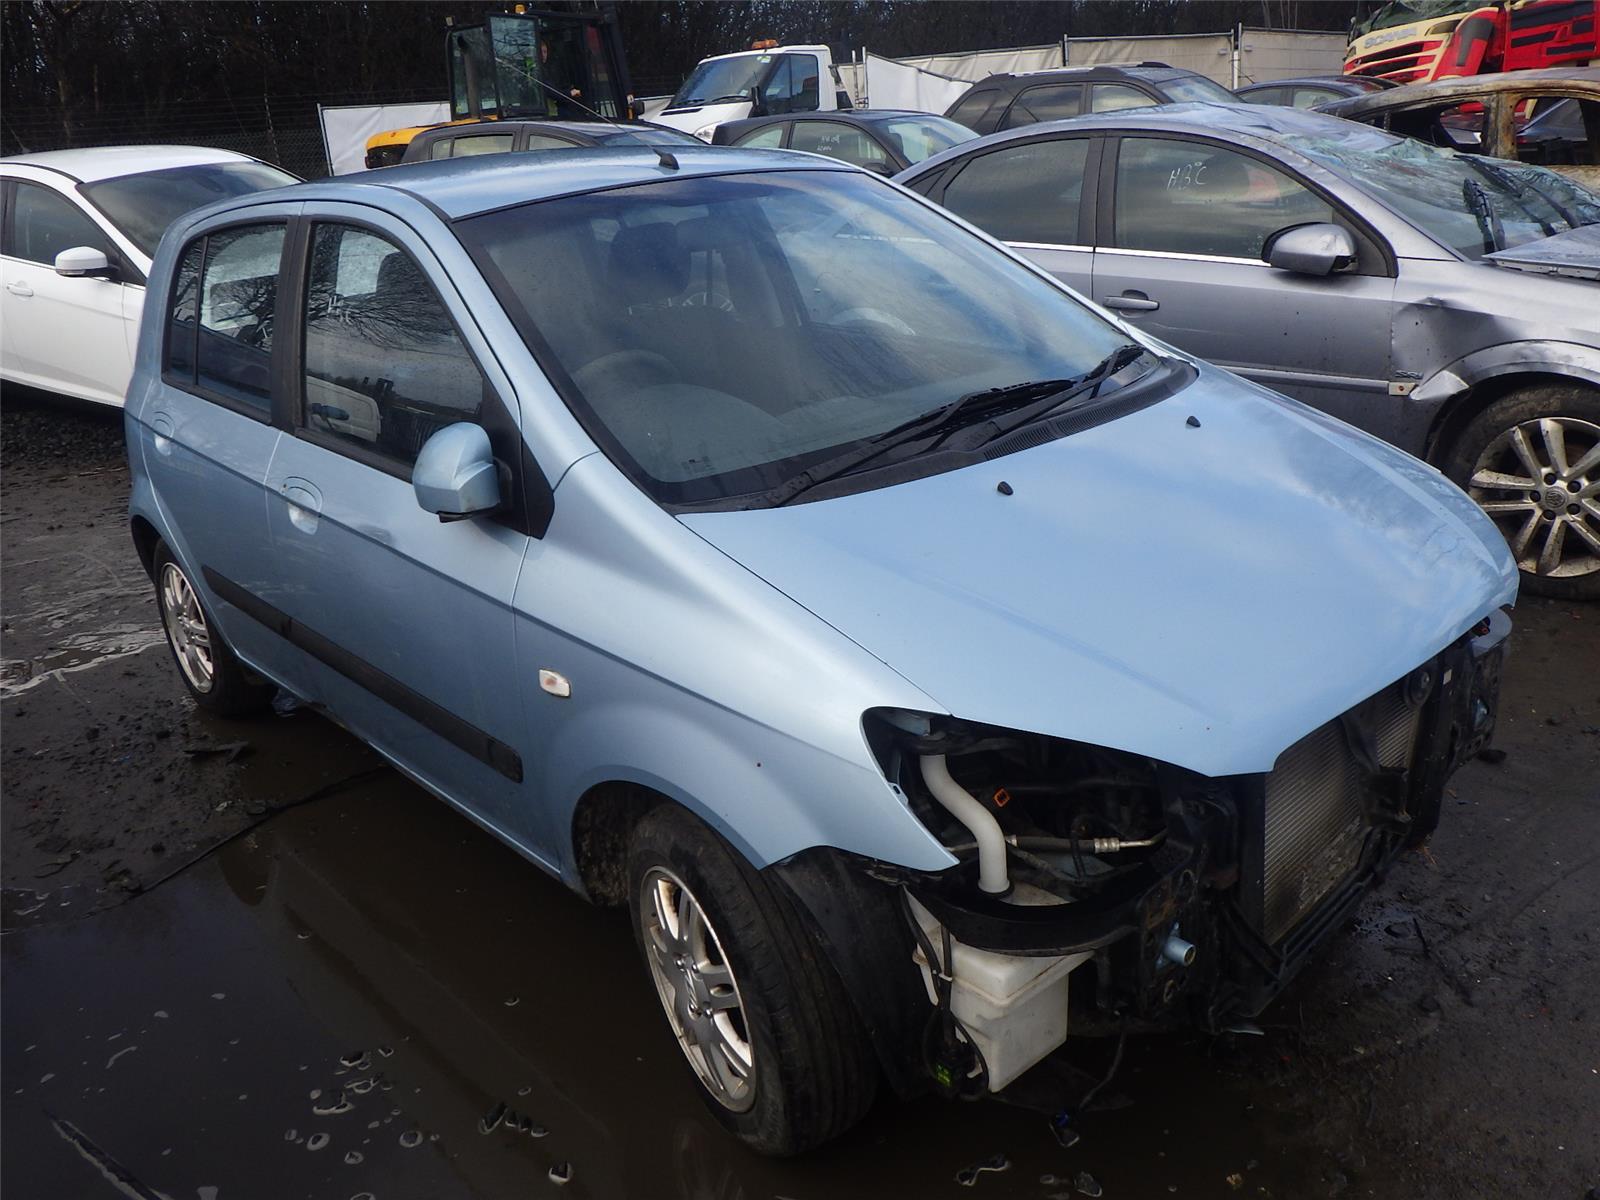 Hyundai Getz 2002 To 2009 5 Door Hatchback